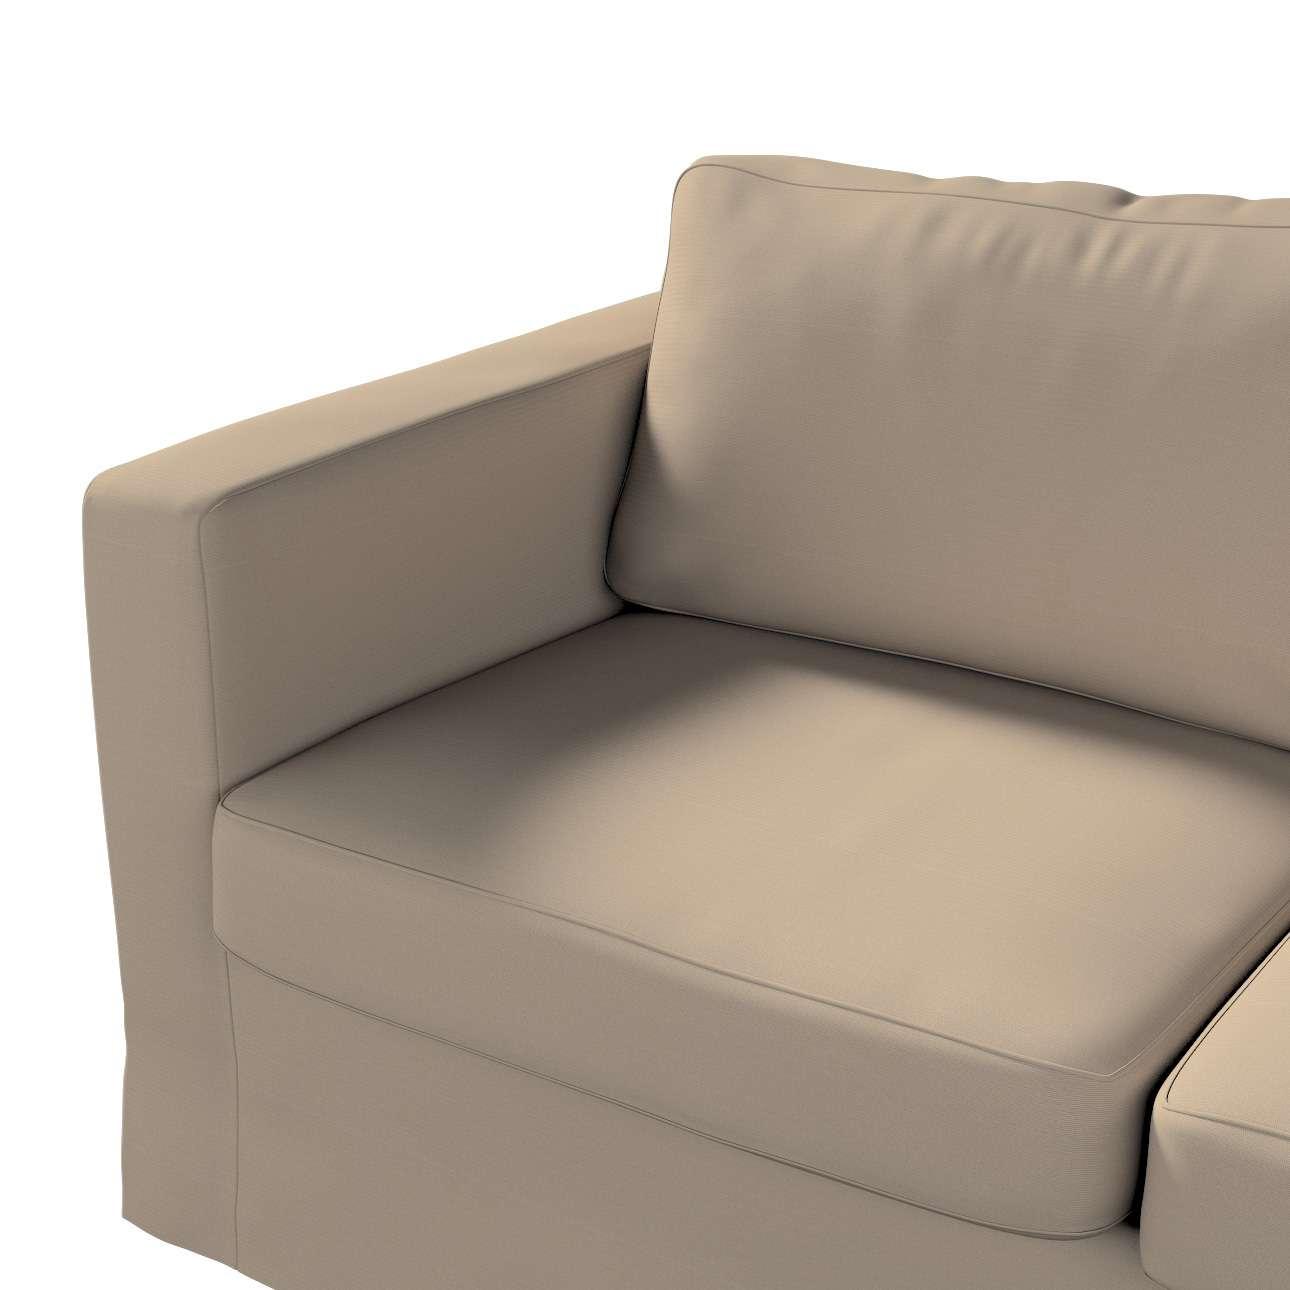 Pokrowiec na sofę Karlstad 2-osobową nierozkładaną długi w kolekcji Cotton Panama, tkanina: 702-28